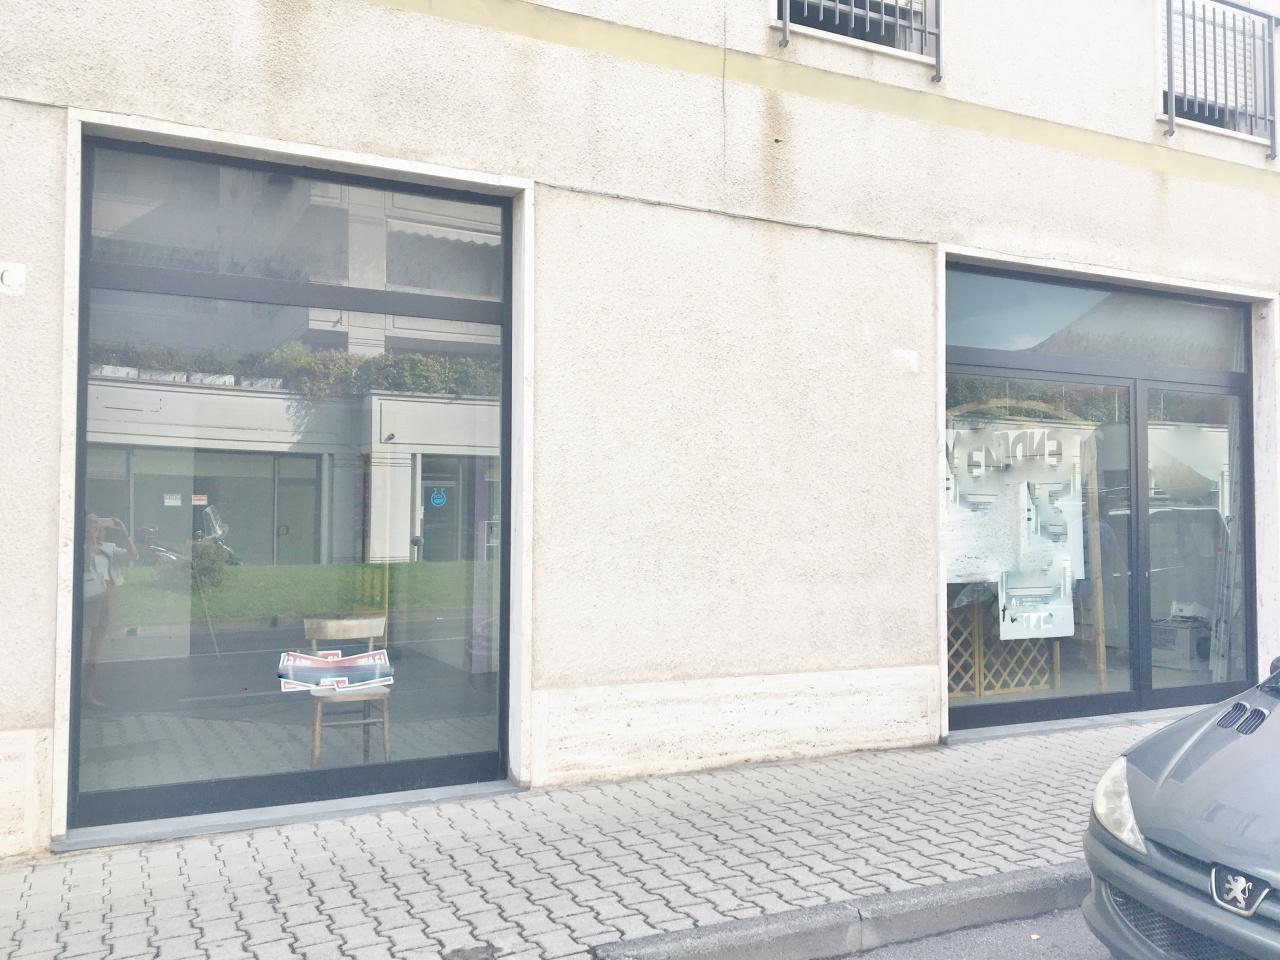 Negozio / Locale in affitto a Viareggio, 4 locali, prezzo € 2.000 | CambioCasa.it